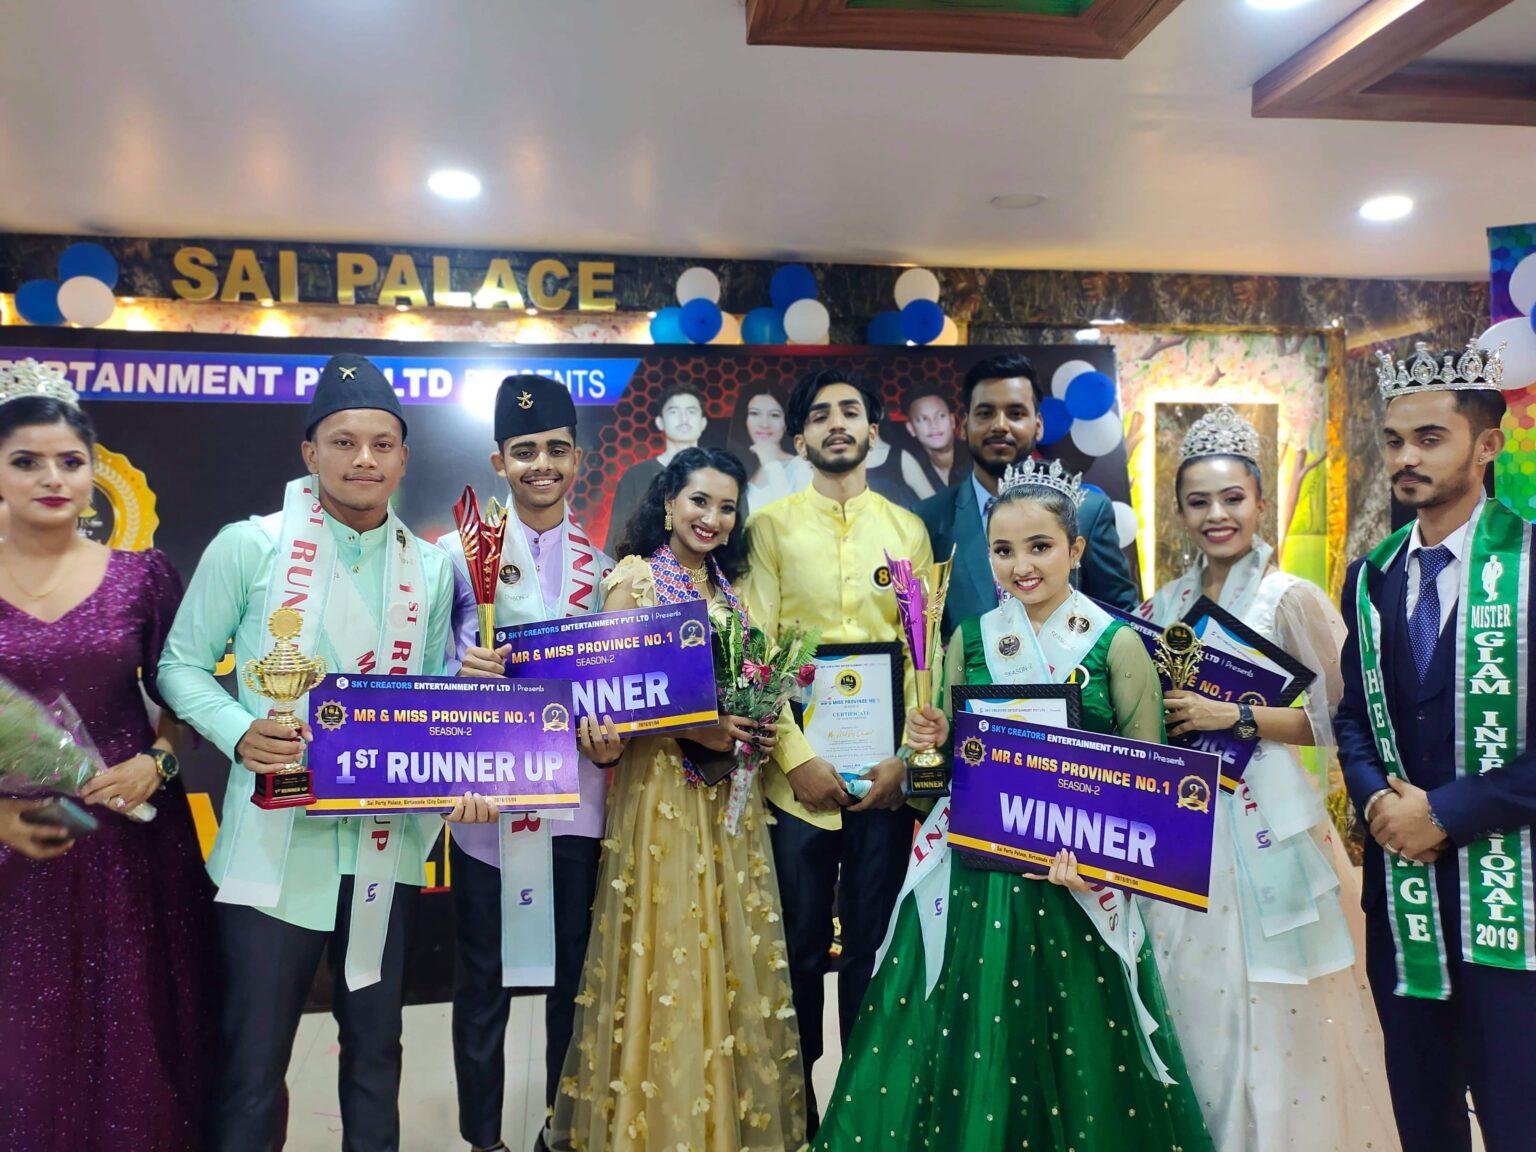 प्रायुस र स्मारिकालाई 'मिस्टर एन्ड मिस प्रोभिन्स वान' सिजन–२ को ताज